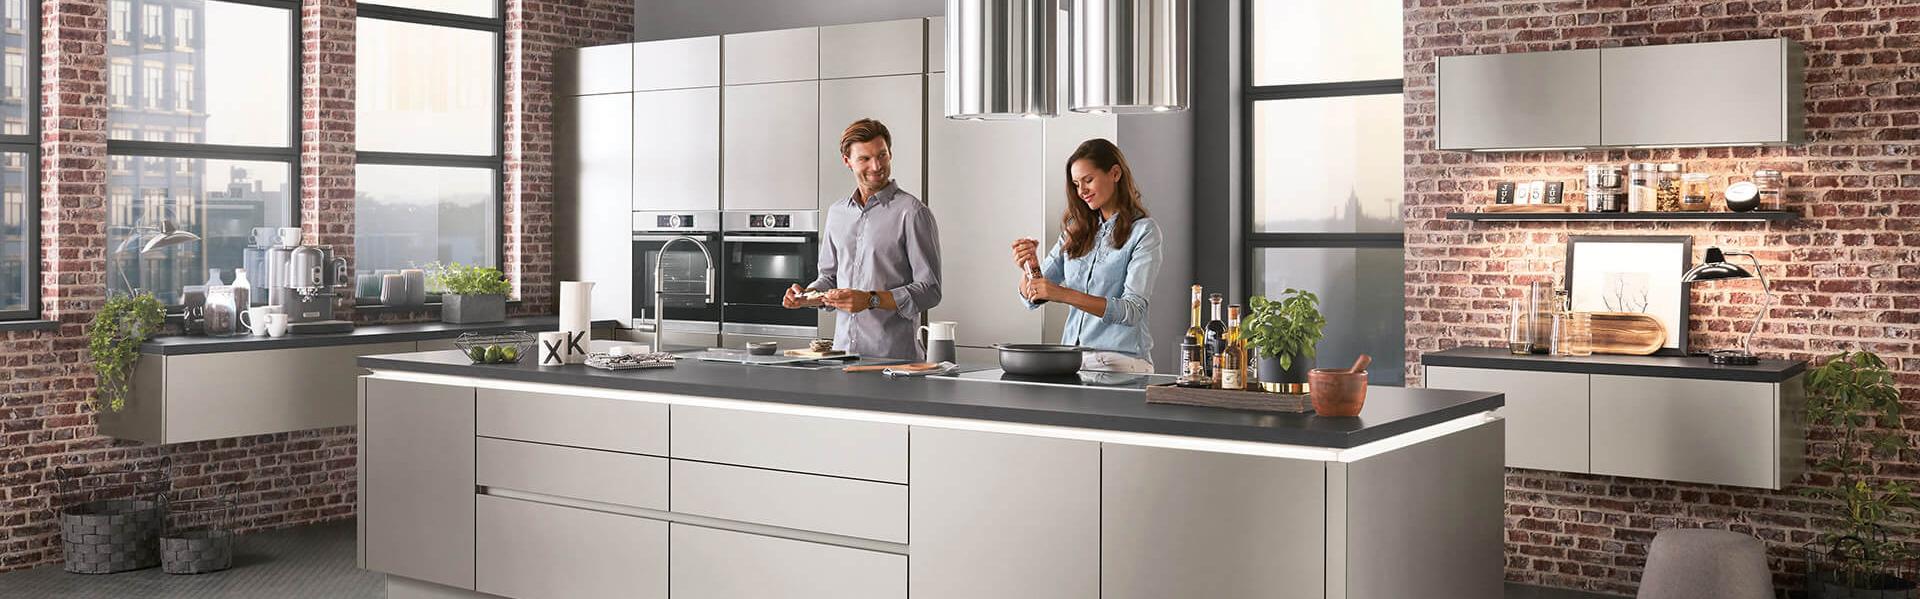 große Küche grau Edelstahl-Optik mit LED Beleuchtung